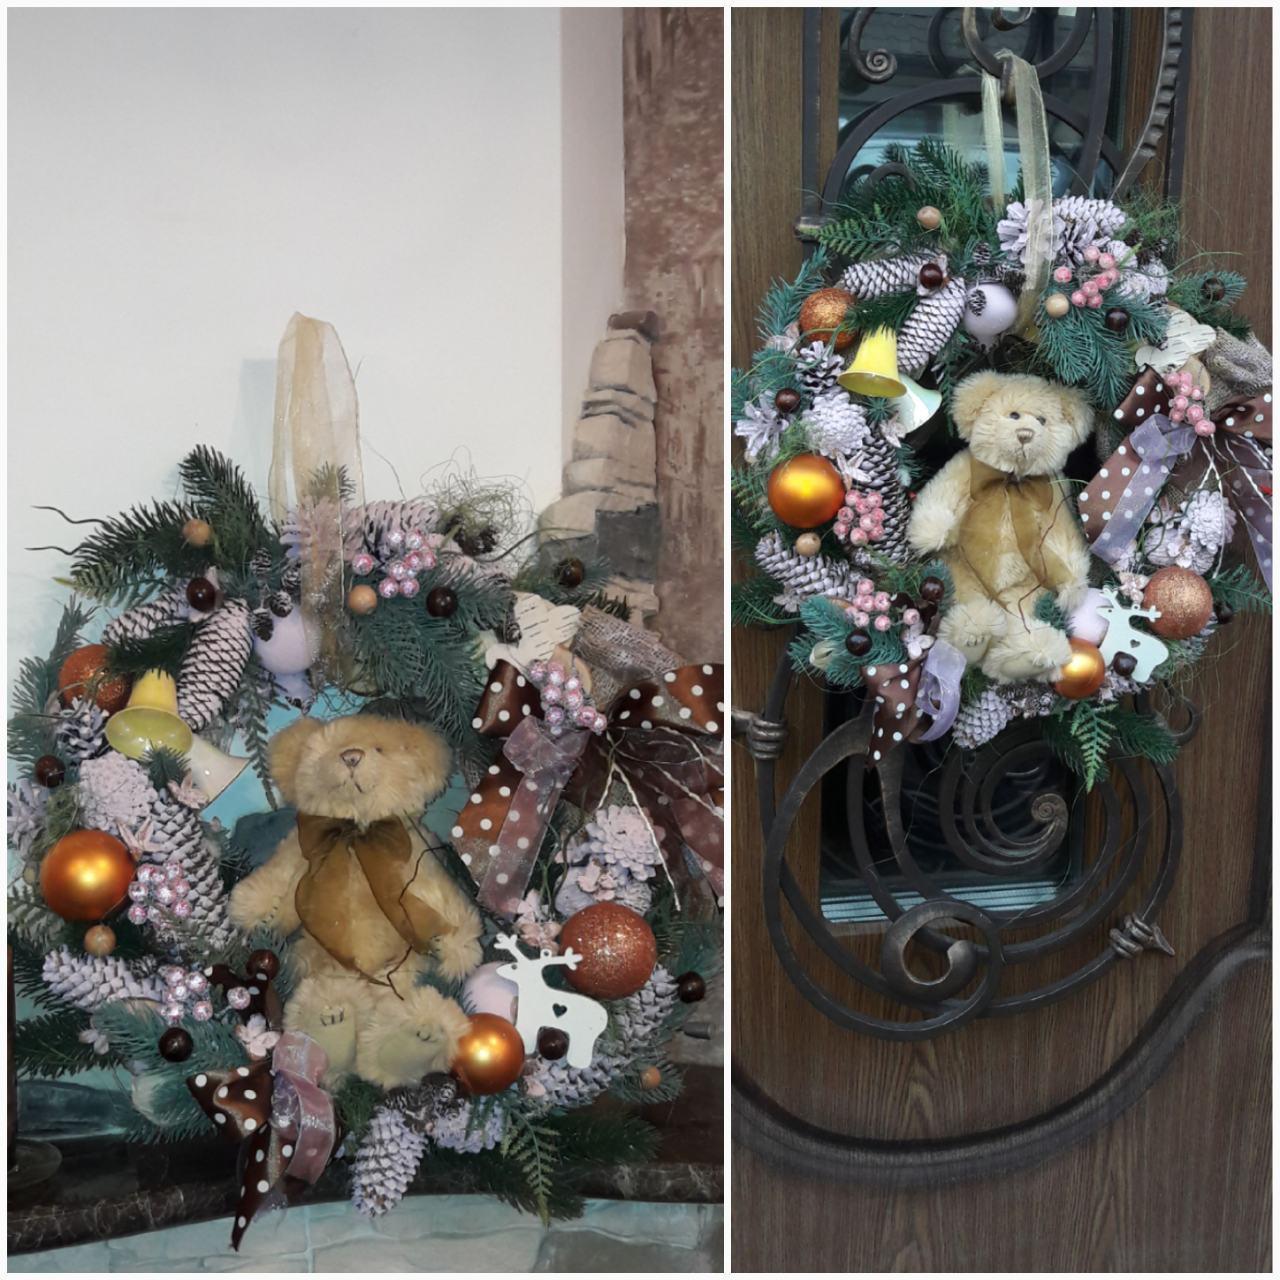 """Пышный веночек """"Мечты медвежонка"""" с мягкой игрушкой к рождеству, натуральные материалы, 50 см., 750 гр."""